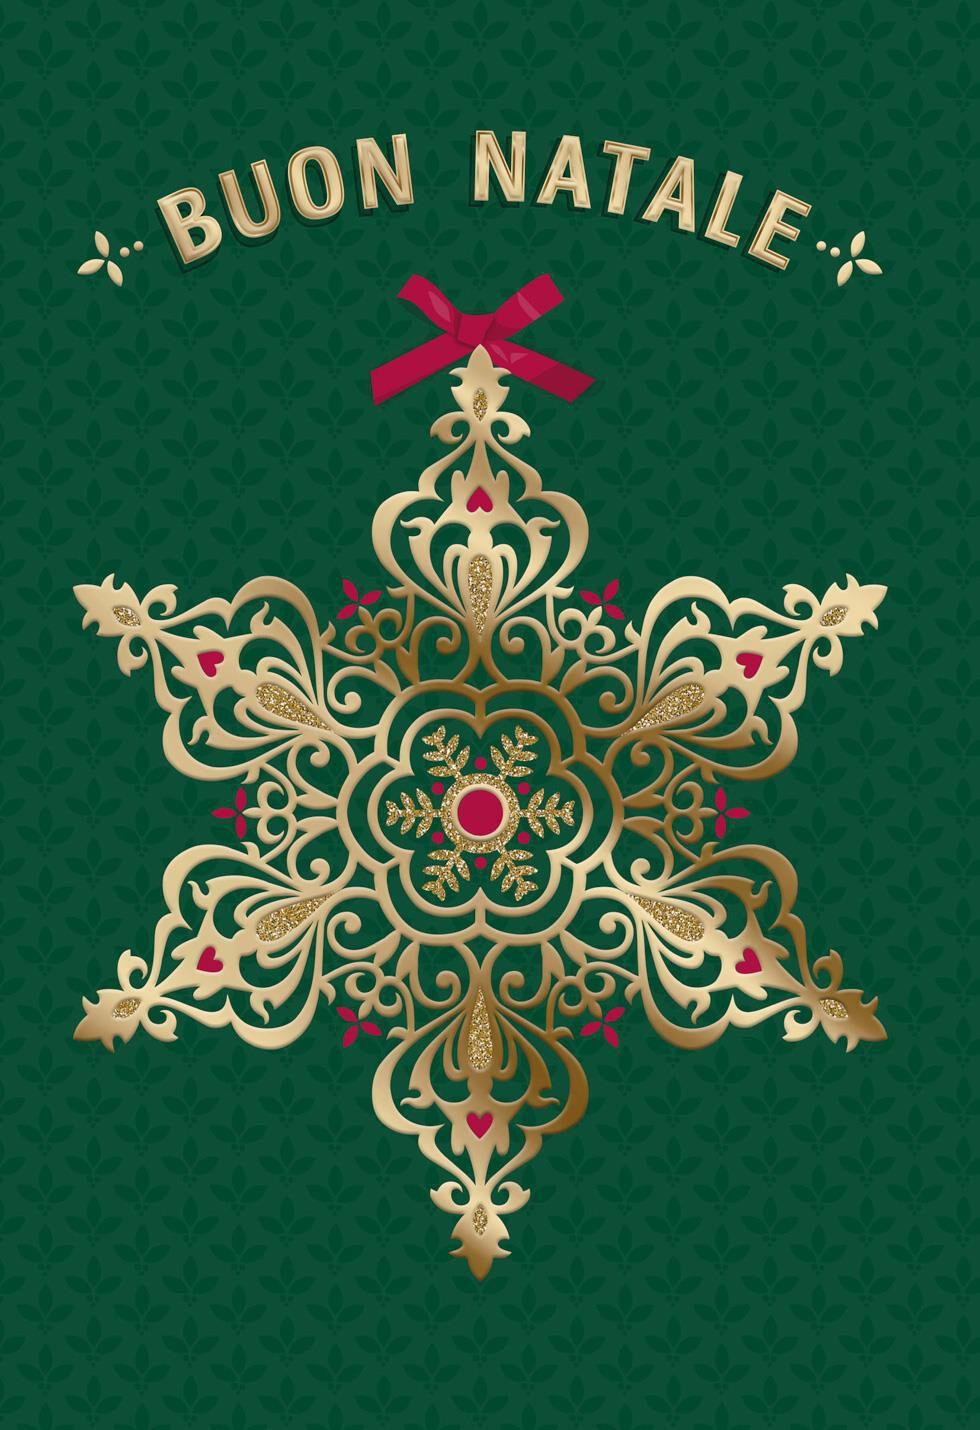 Buon natale e buon anno italian language christmas card greeting buon natale e buon anno italian language christmas card greeting cards hallmark kristyandbryce Images